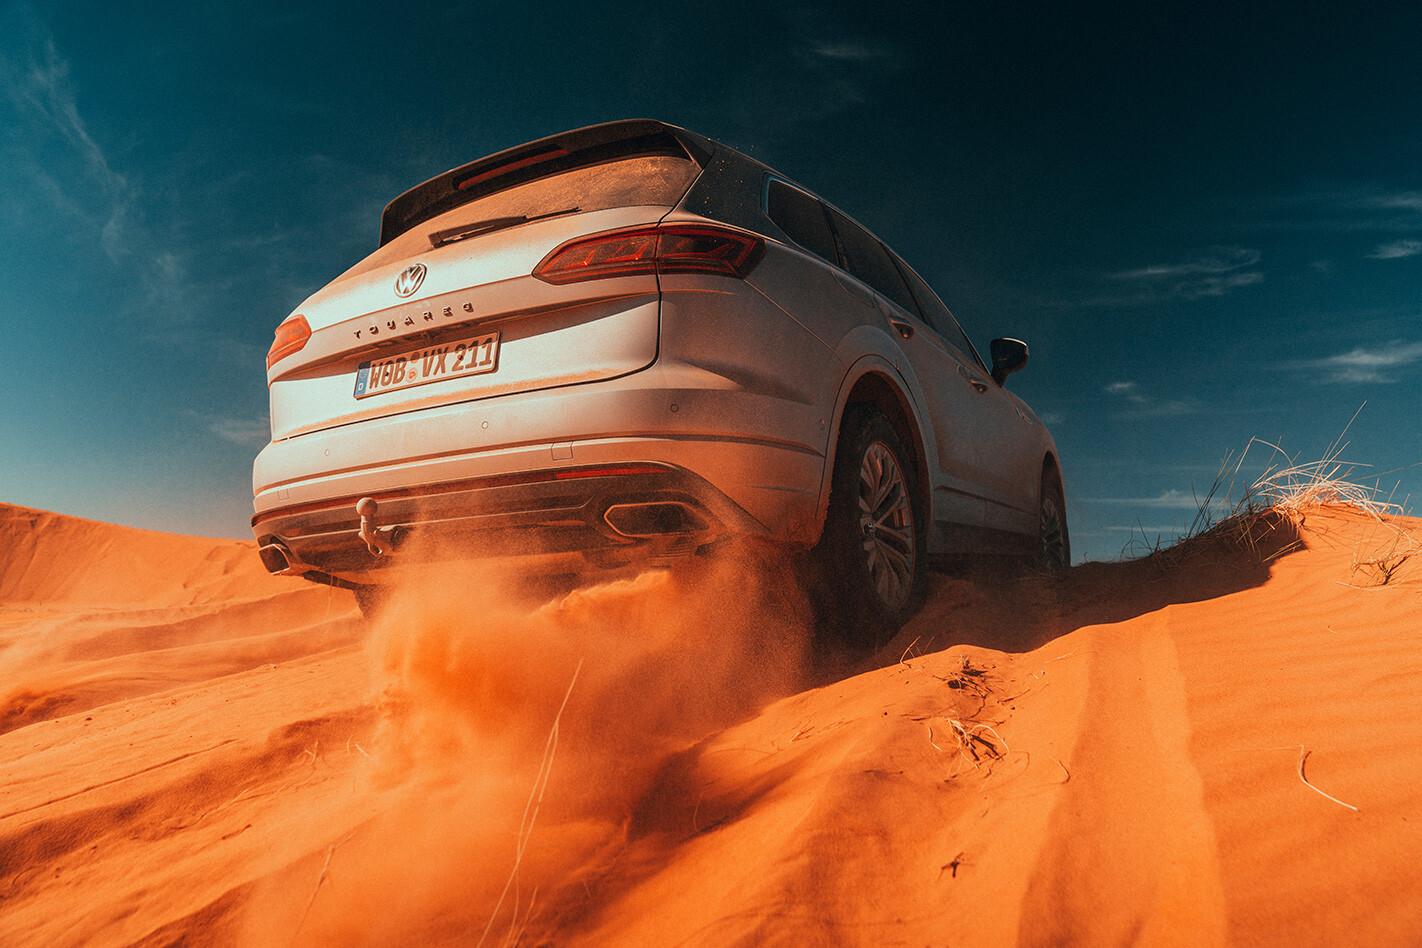 Volkswagen Touareg Rears Jpg